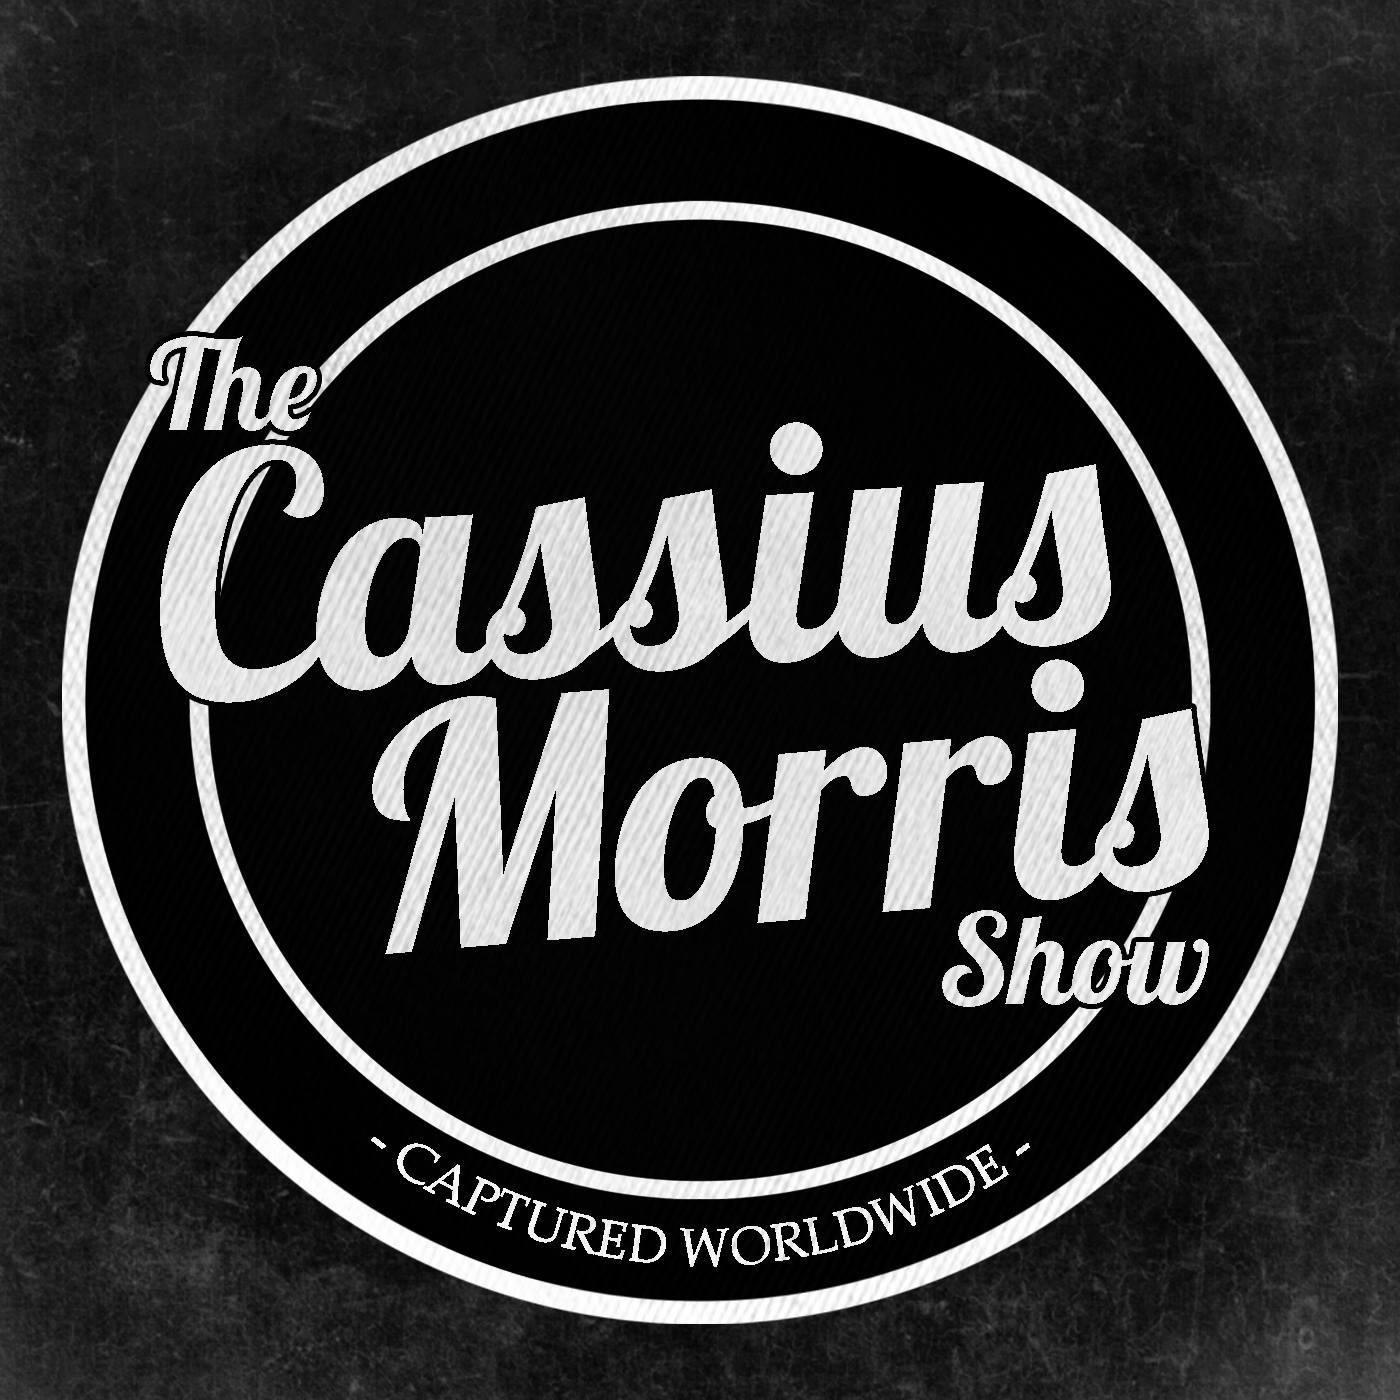 The Cassius Morris Show logo